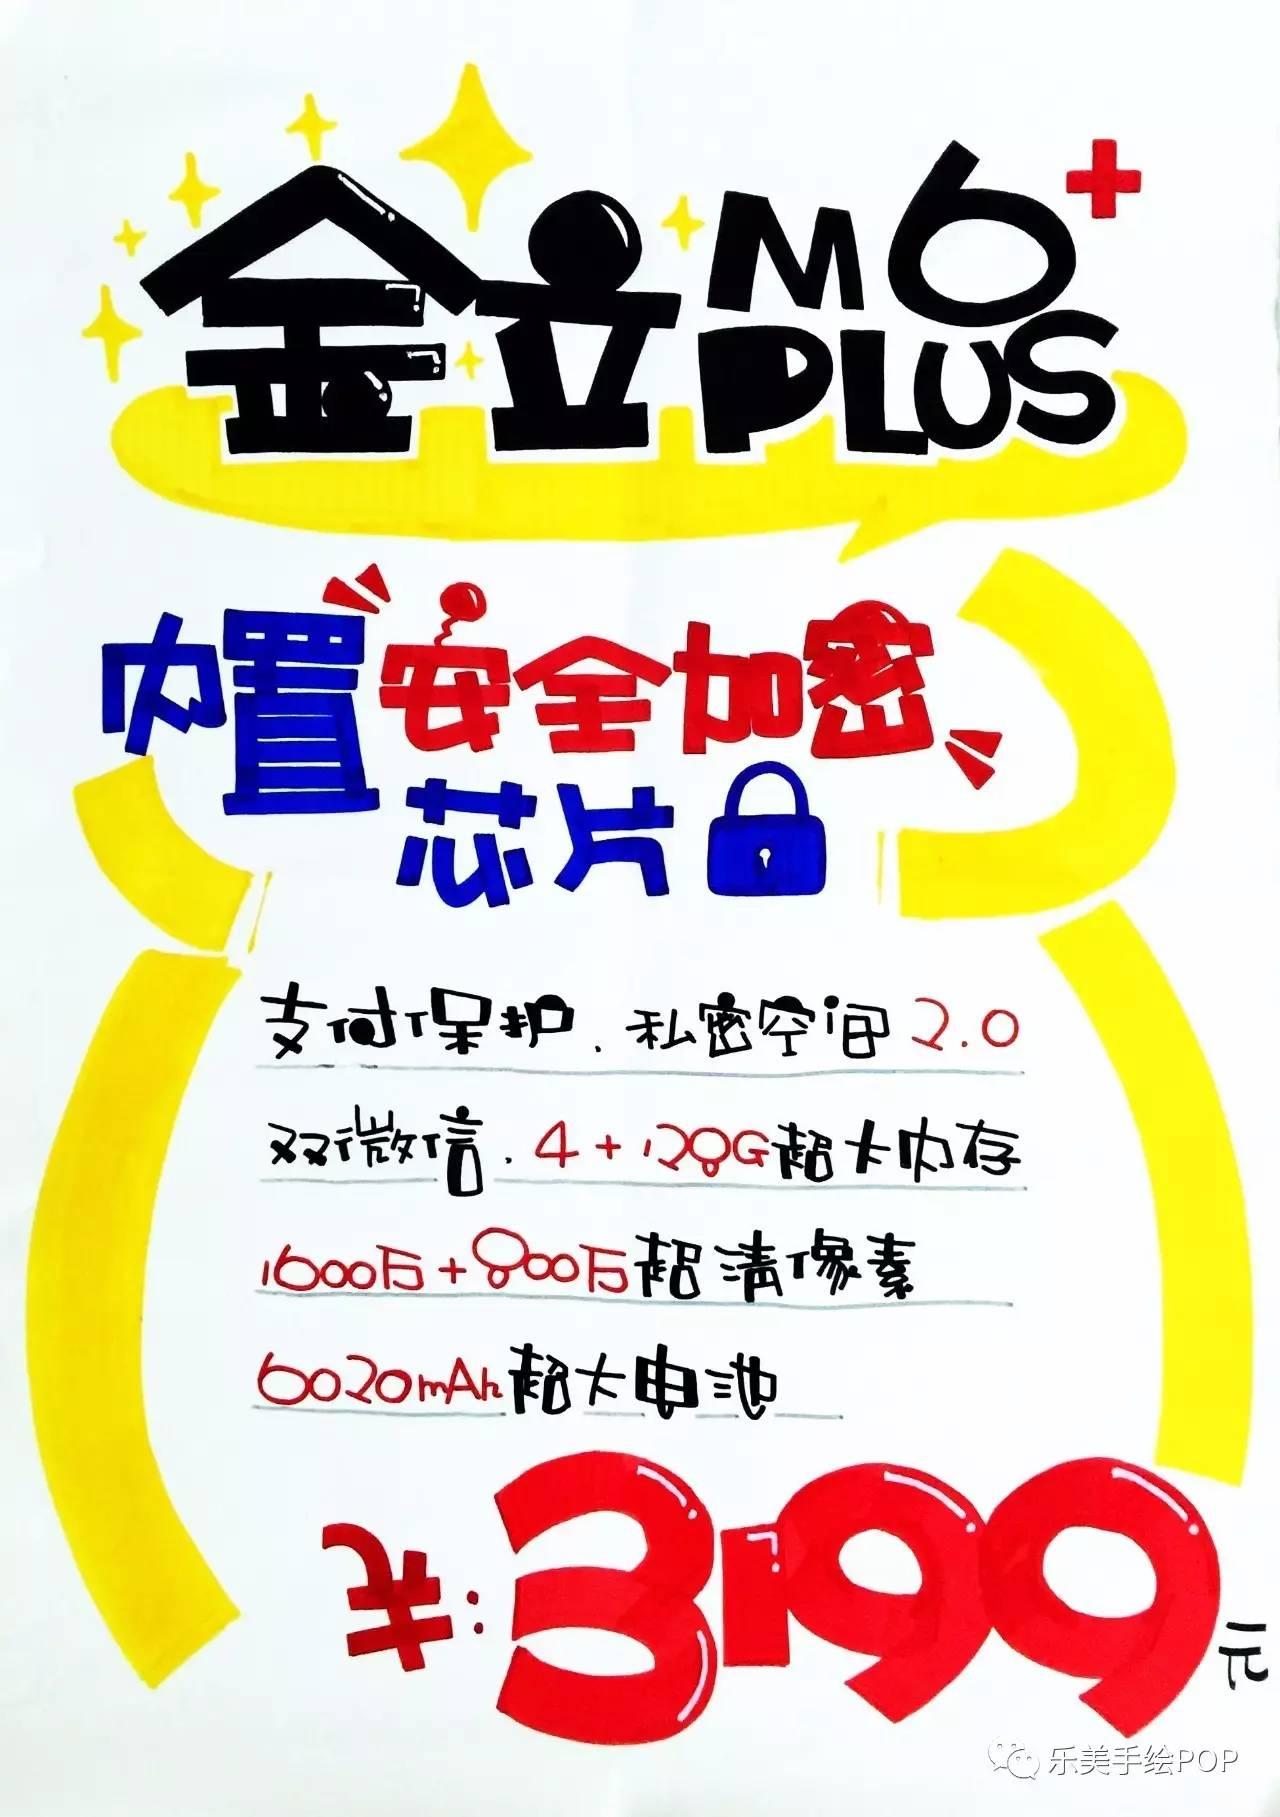 【汇总】金立手绘pop海报